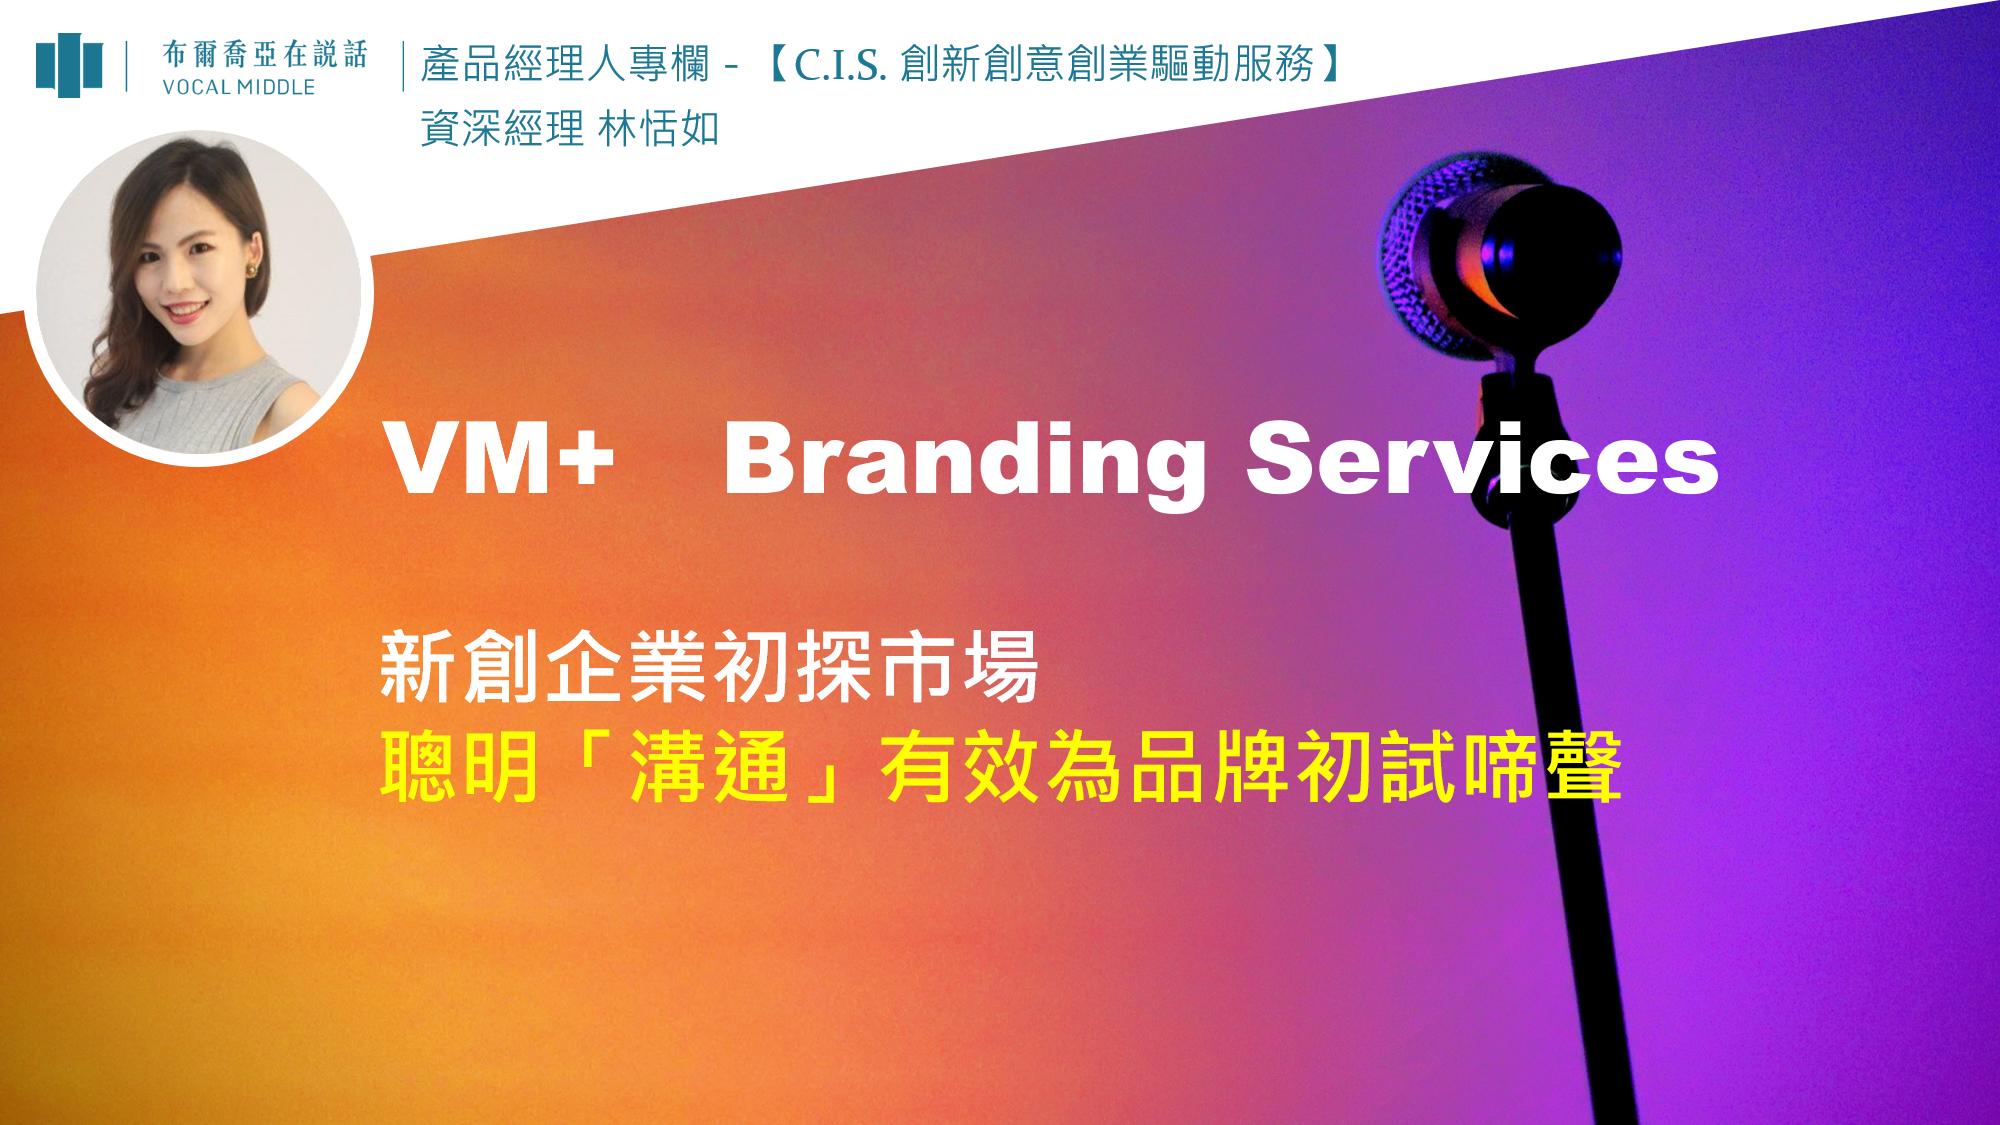 【產品經理人專欄】新創企業初探市場,聰明「溝通」有效為品牌初試啼聲